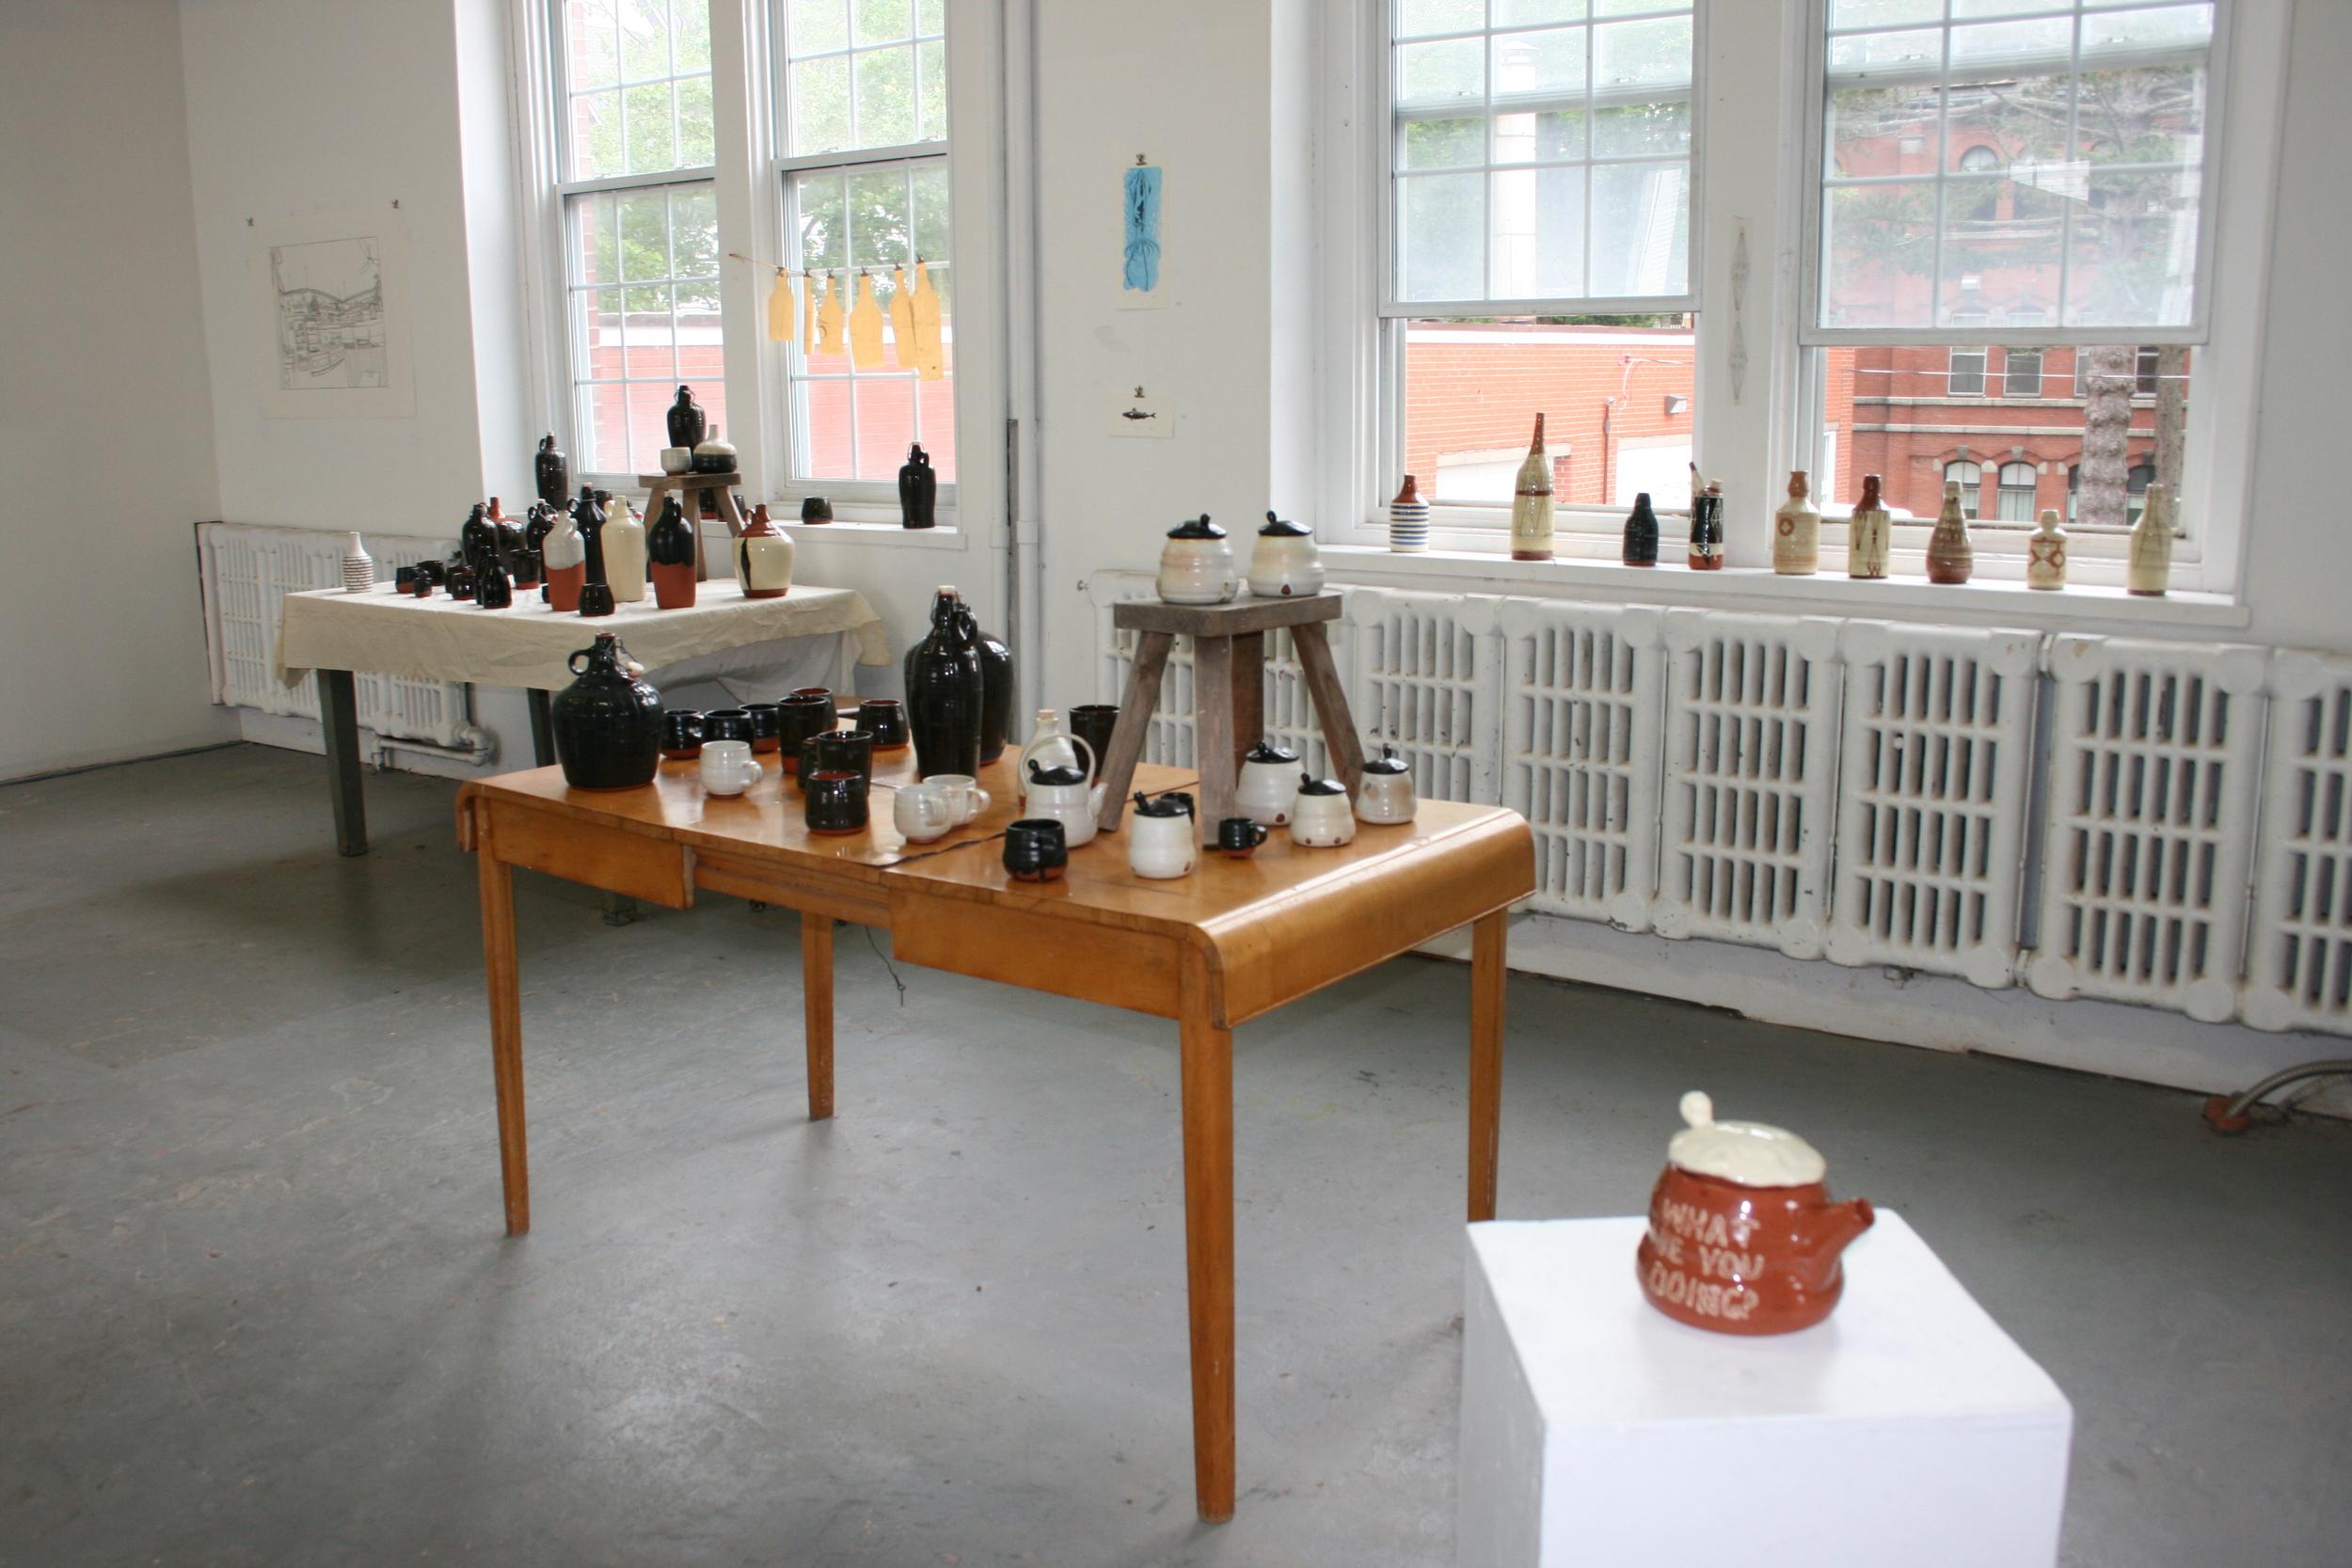 Erin Robison's installation